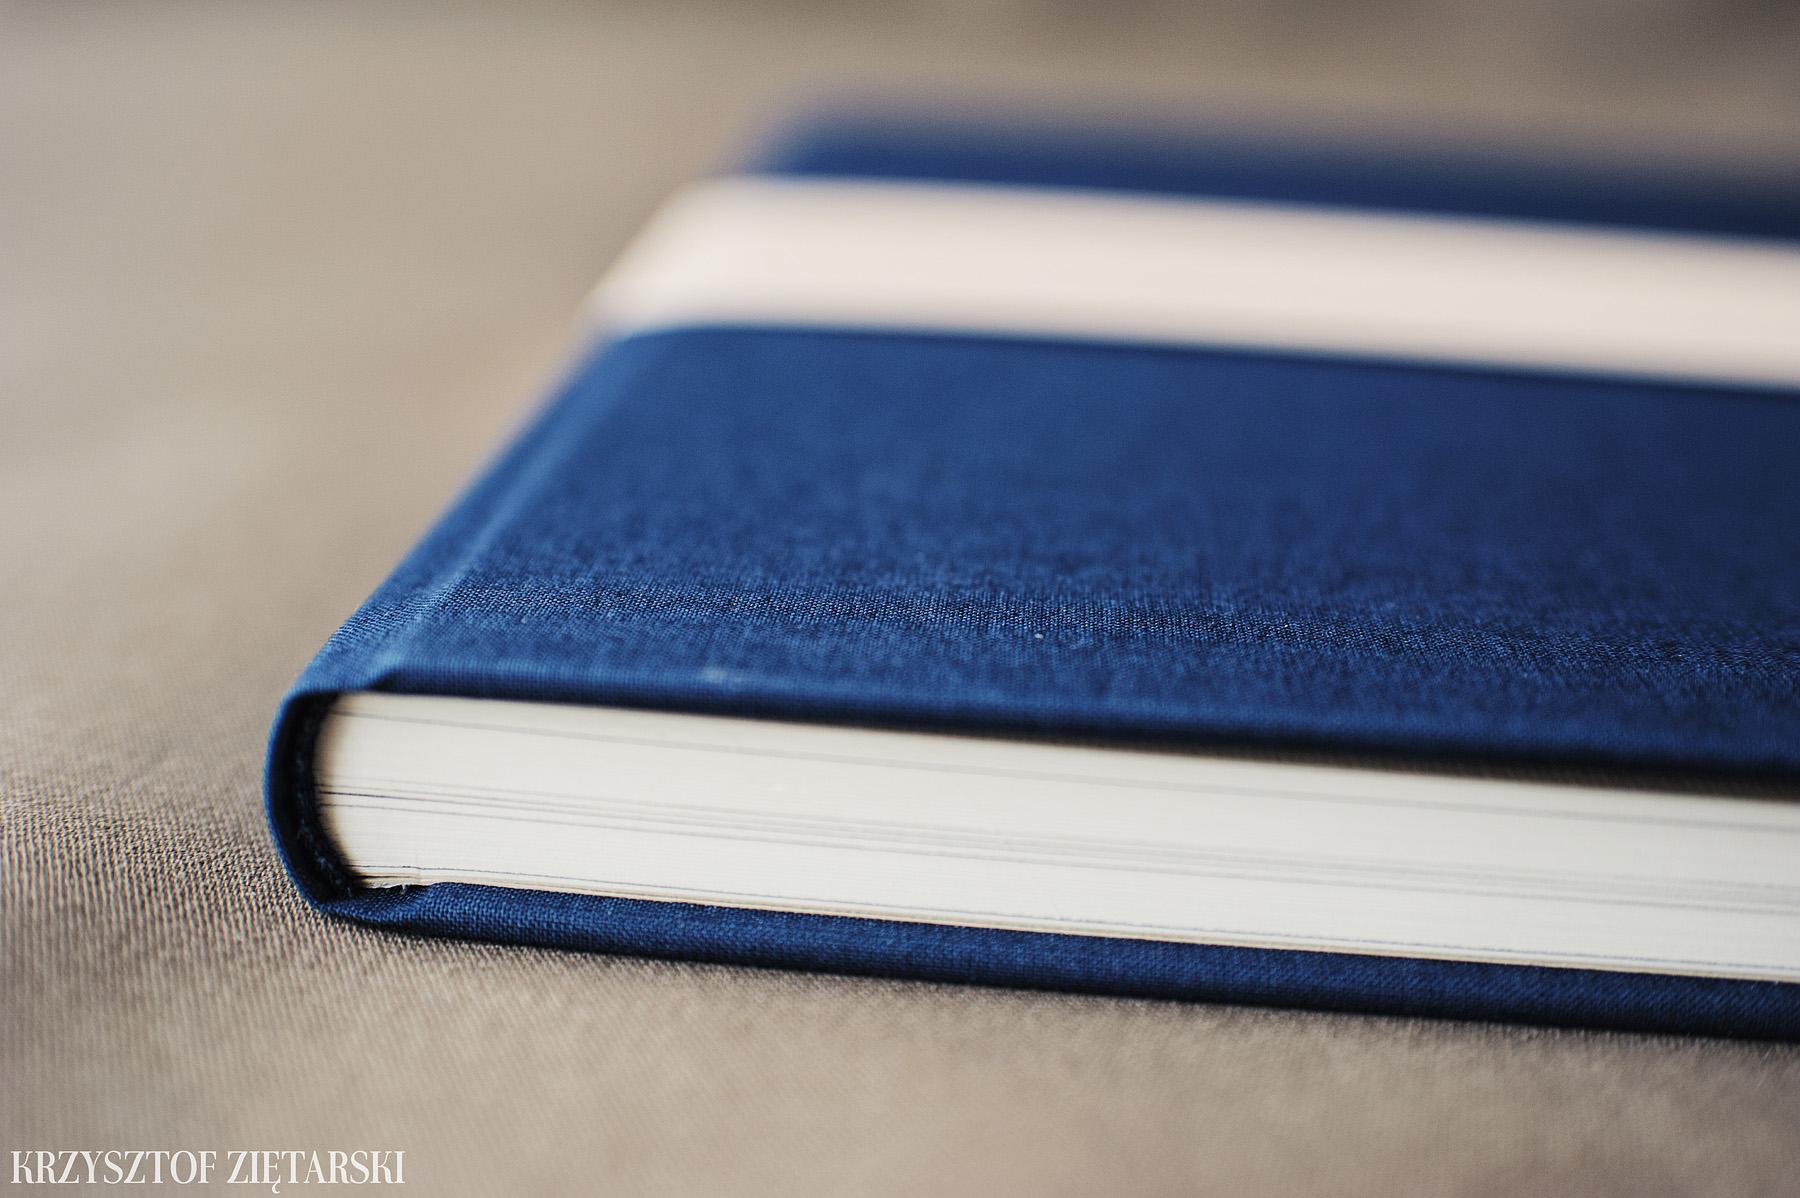 FlatBook 30x30cm, papier kremowy niepowlekany, granatowe płótno C17 i kremowa, prążkowana wyklejka - zdjęcia, przykłady, opinie